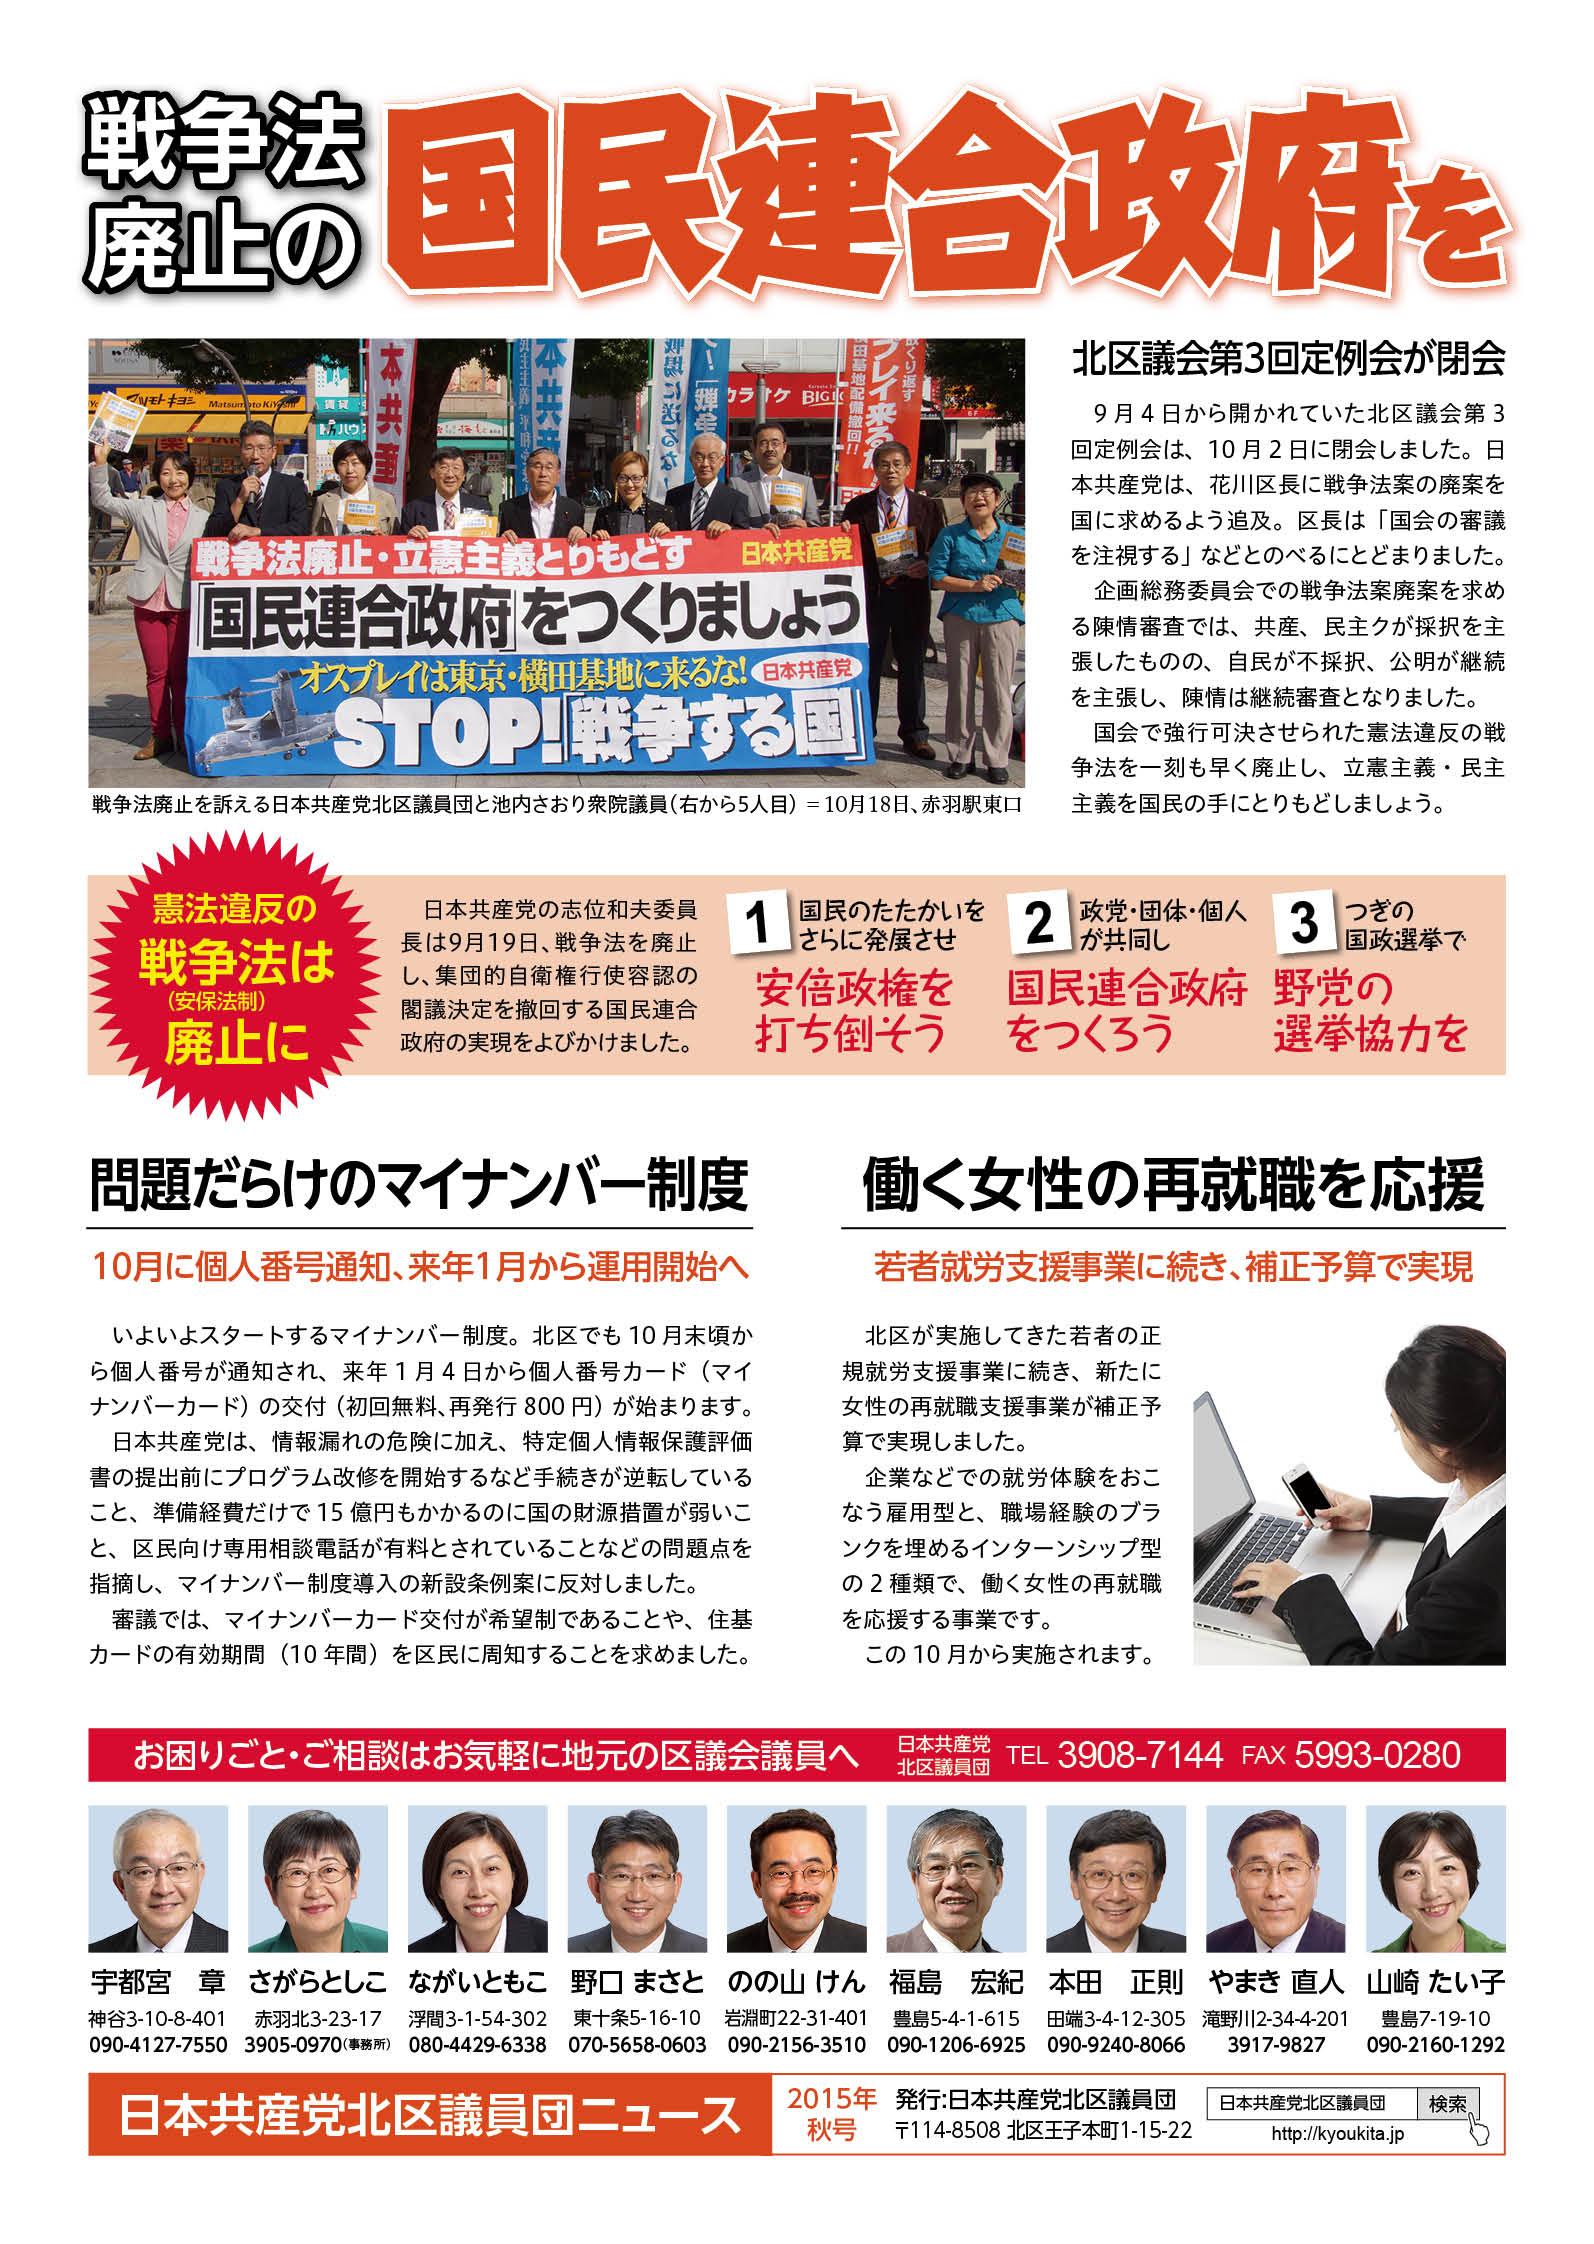 dan-news-2015-03-01